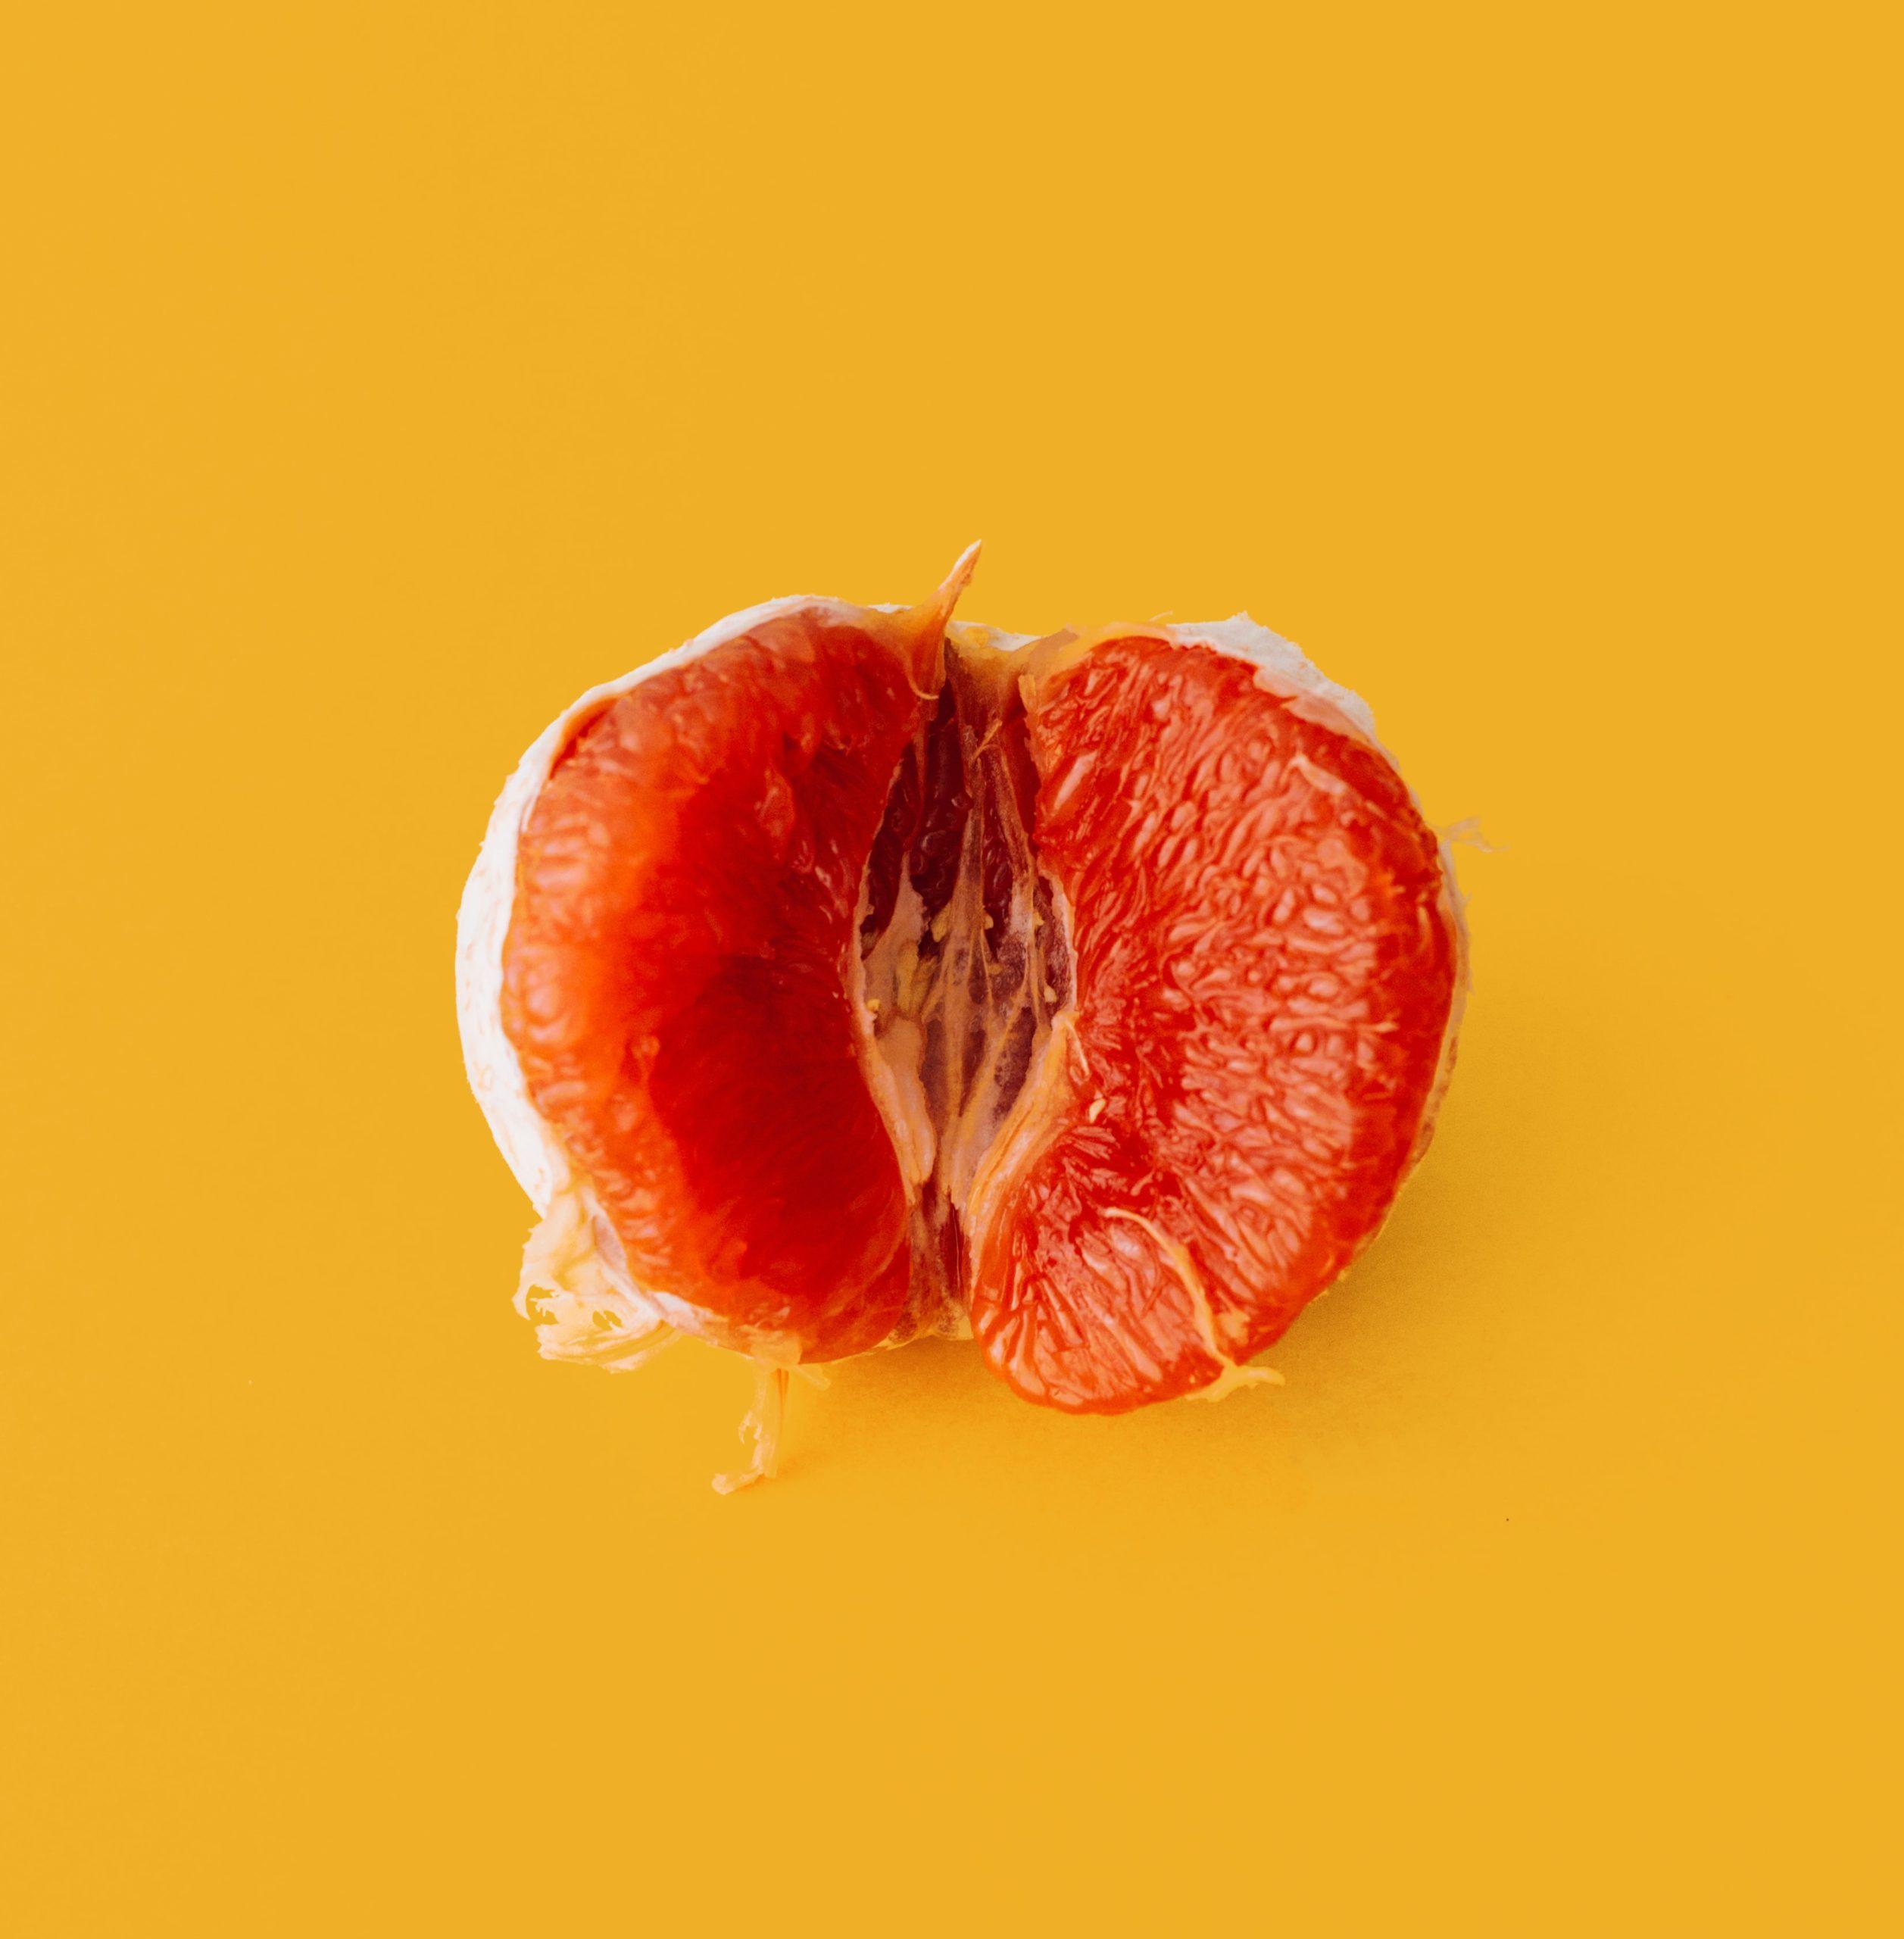 Unpeeled orange.